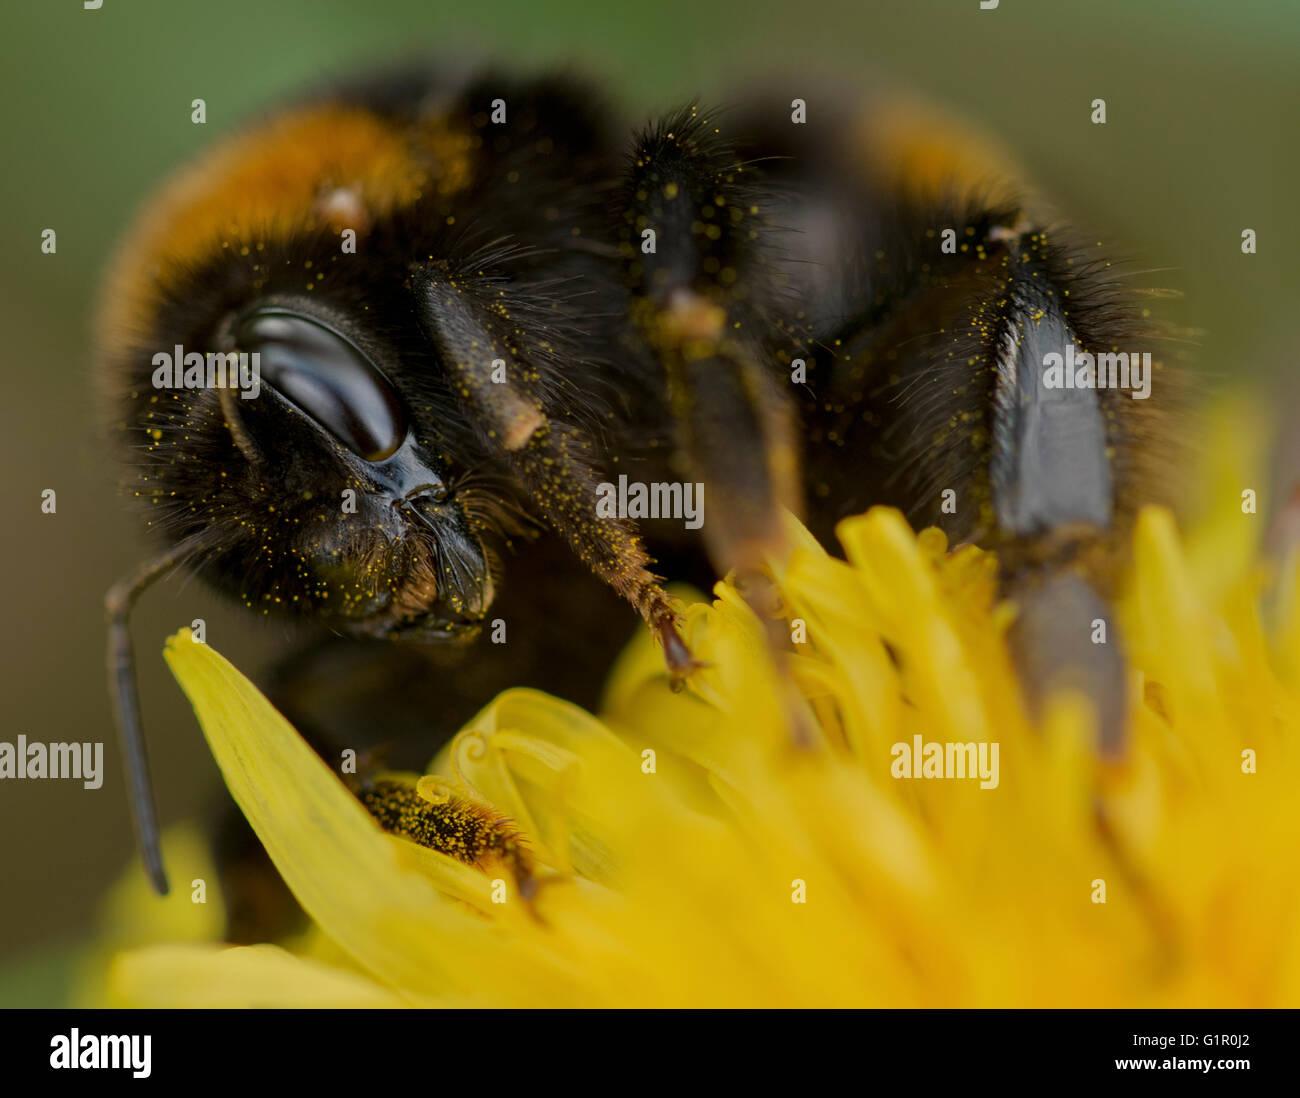 Eine Biene bedeckt mit Pollen auf einer wilden Blume. Stockbild